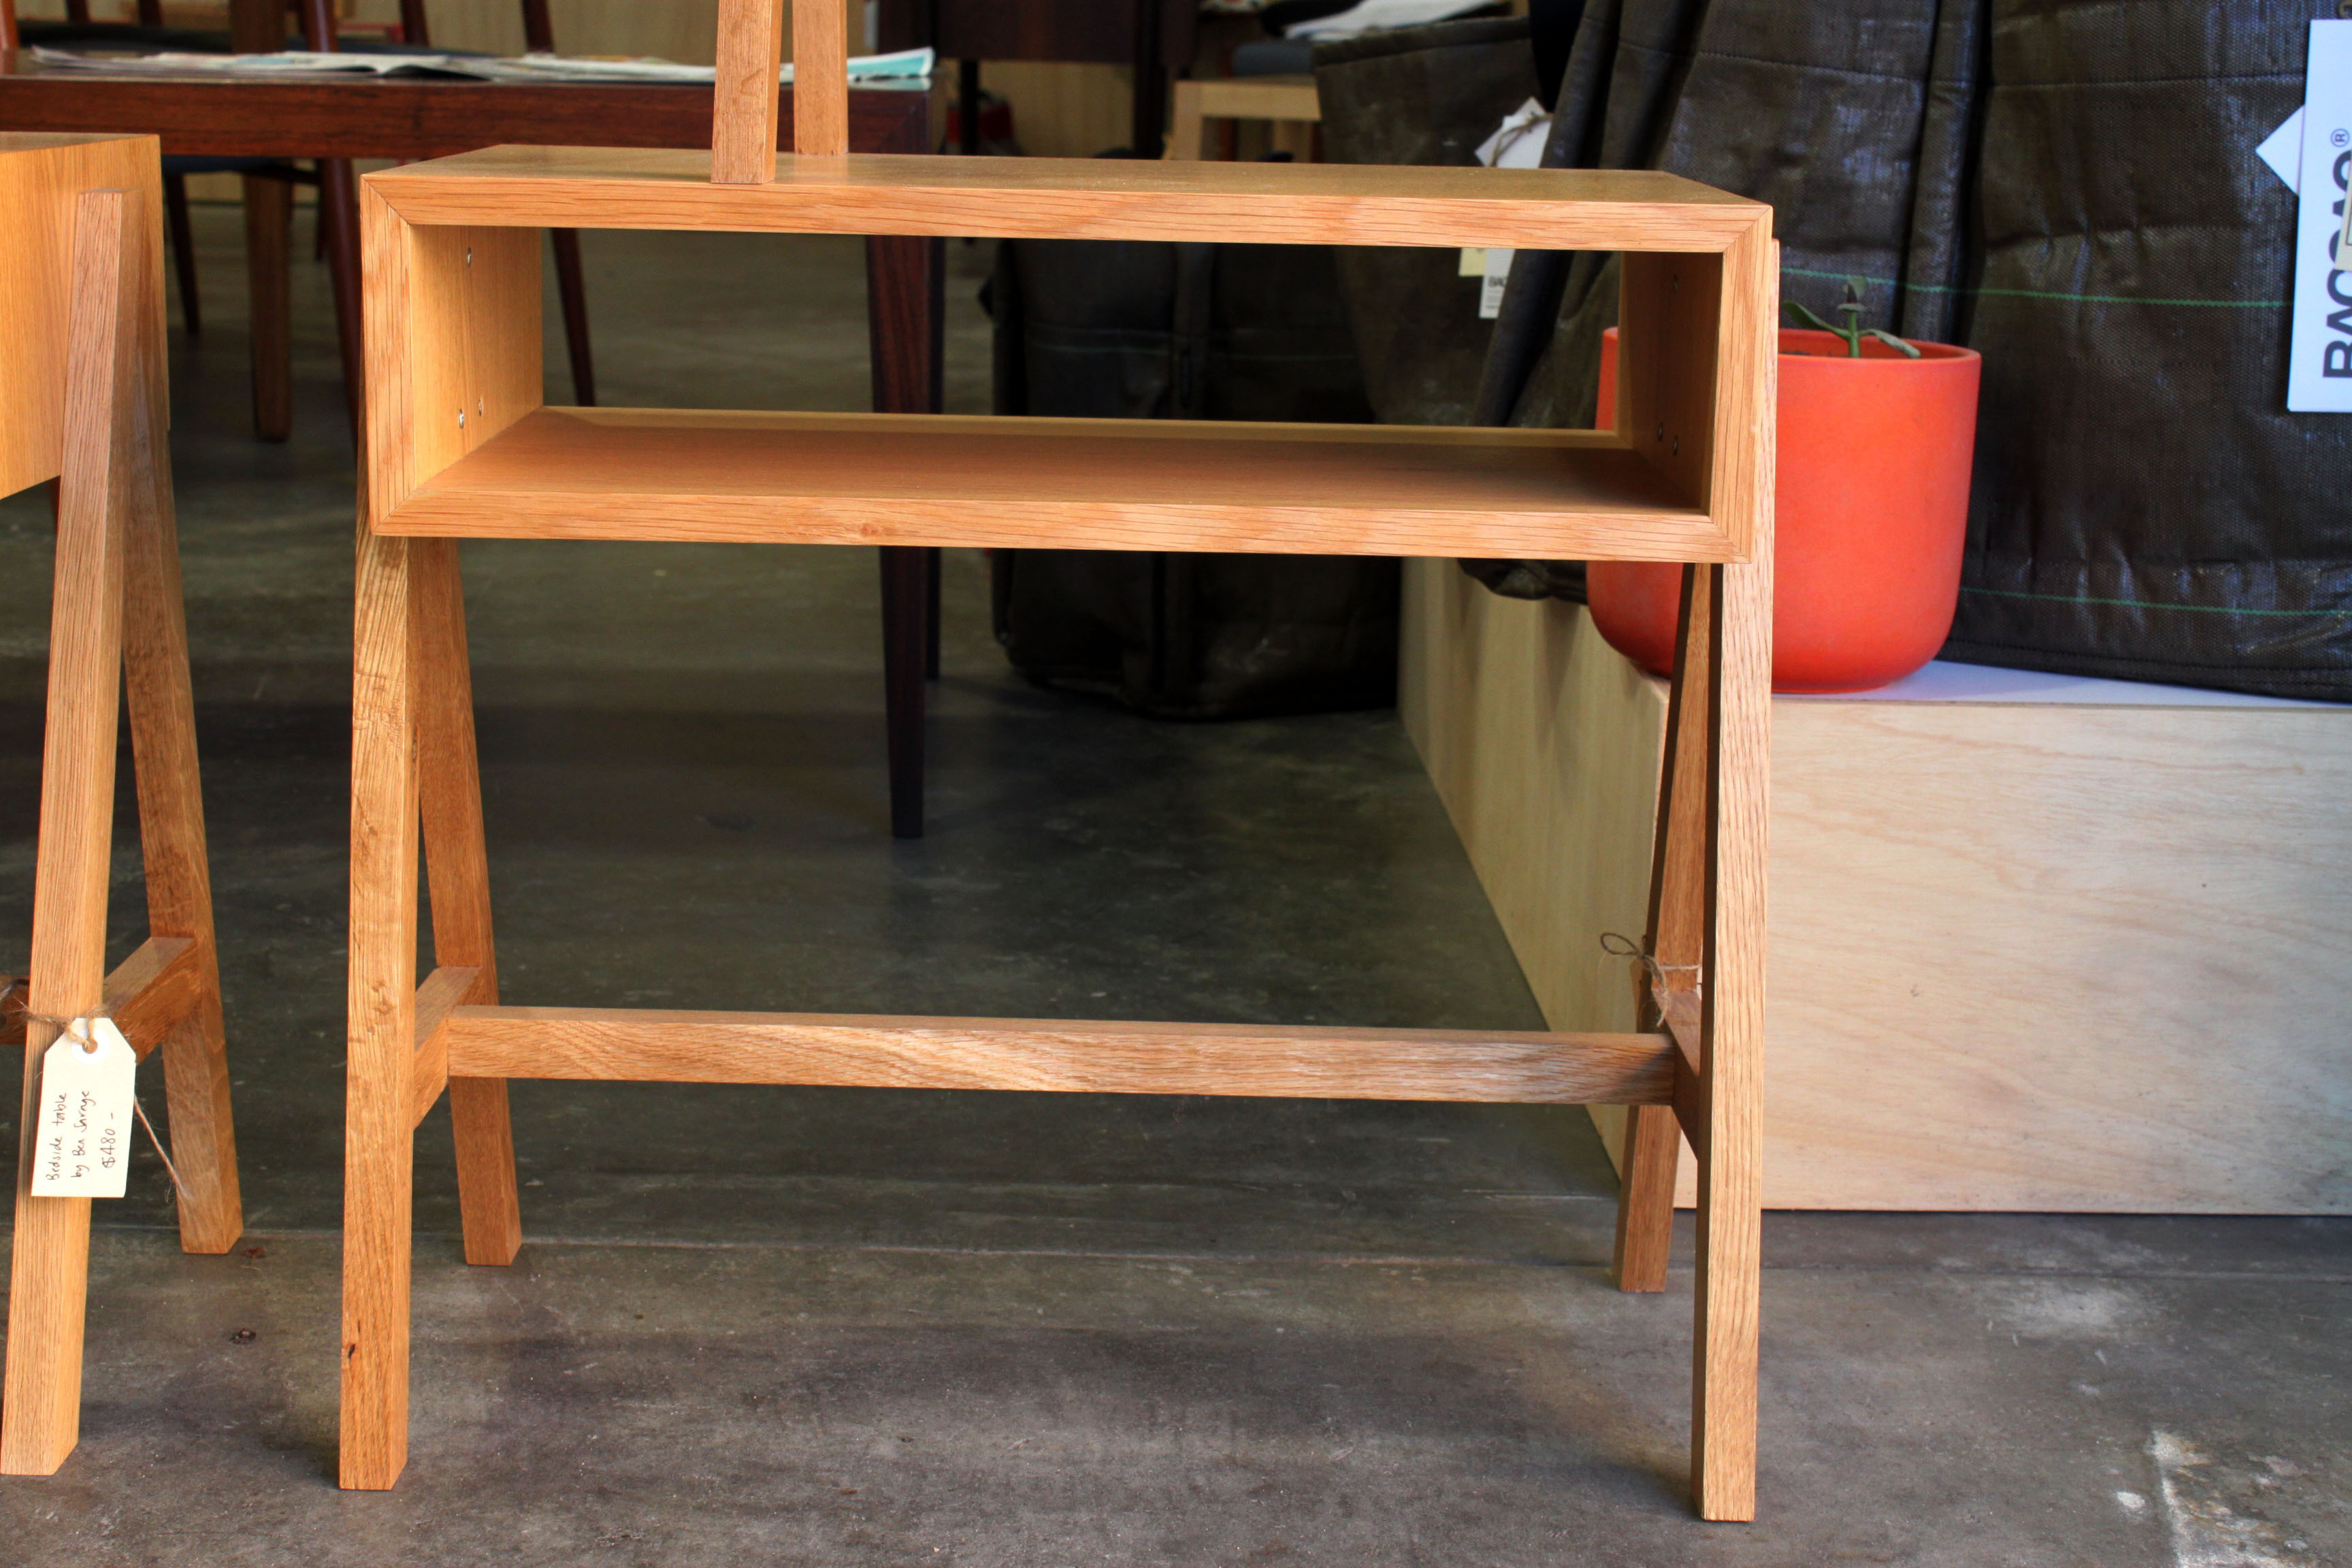 Ben Savage furniture